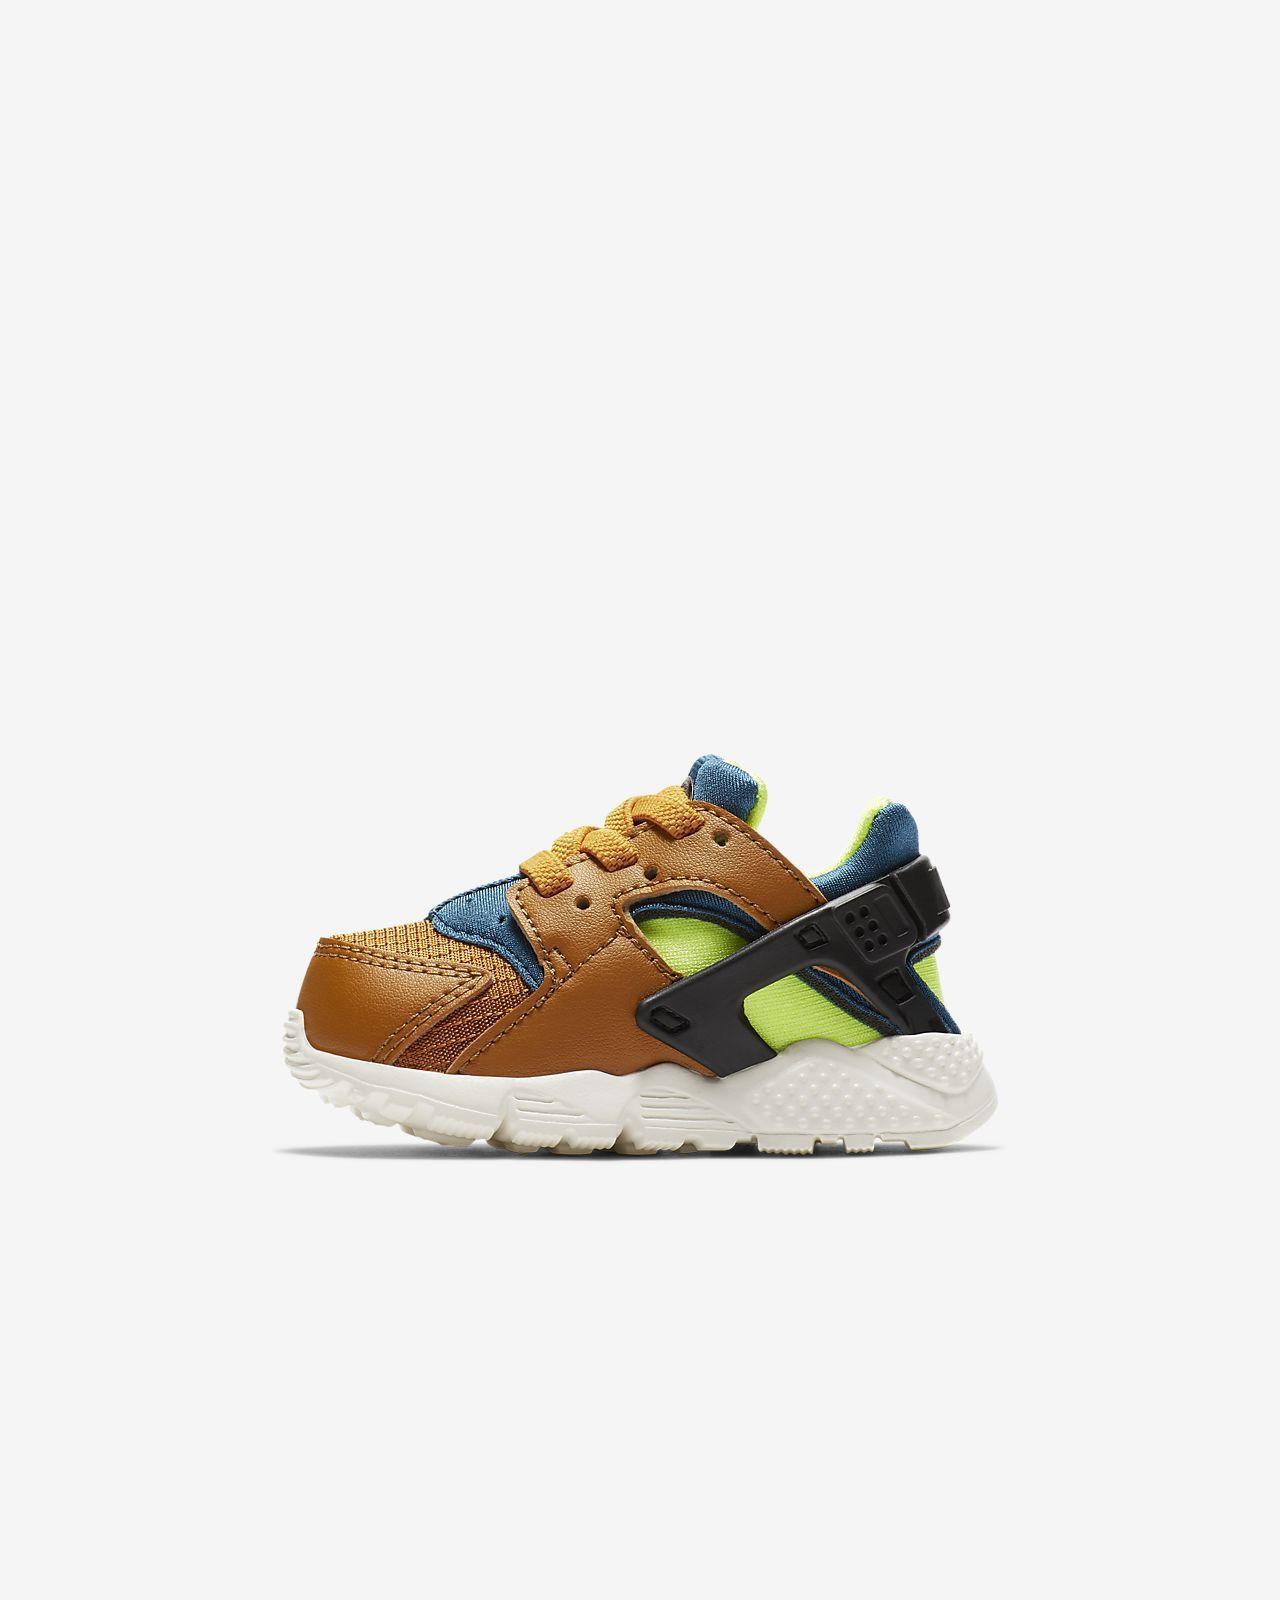 d97b86b99835 Nike Huarache Infant Toddler Shoe